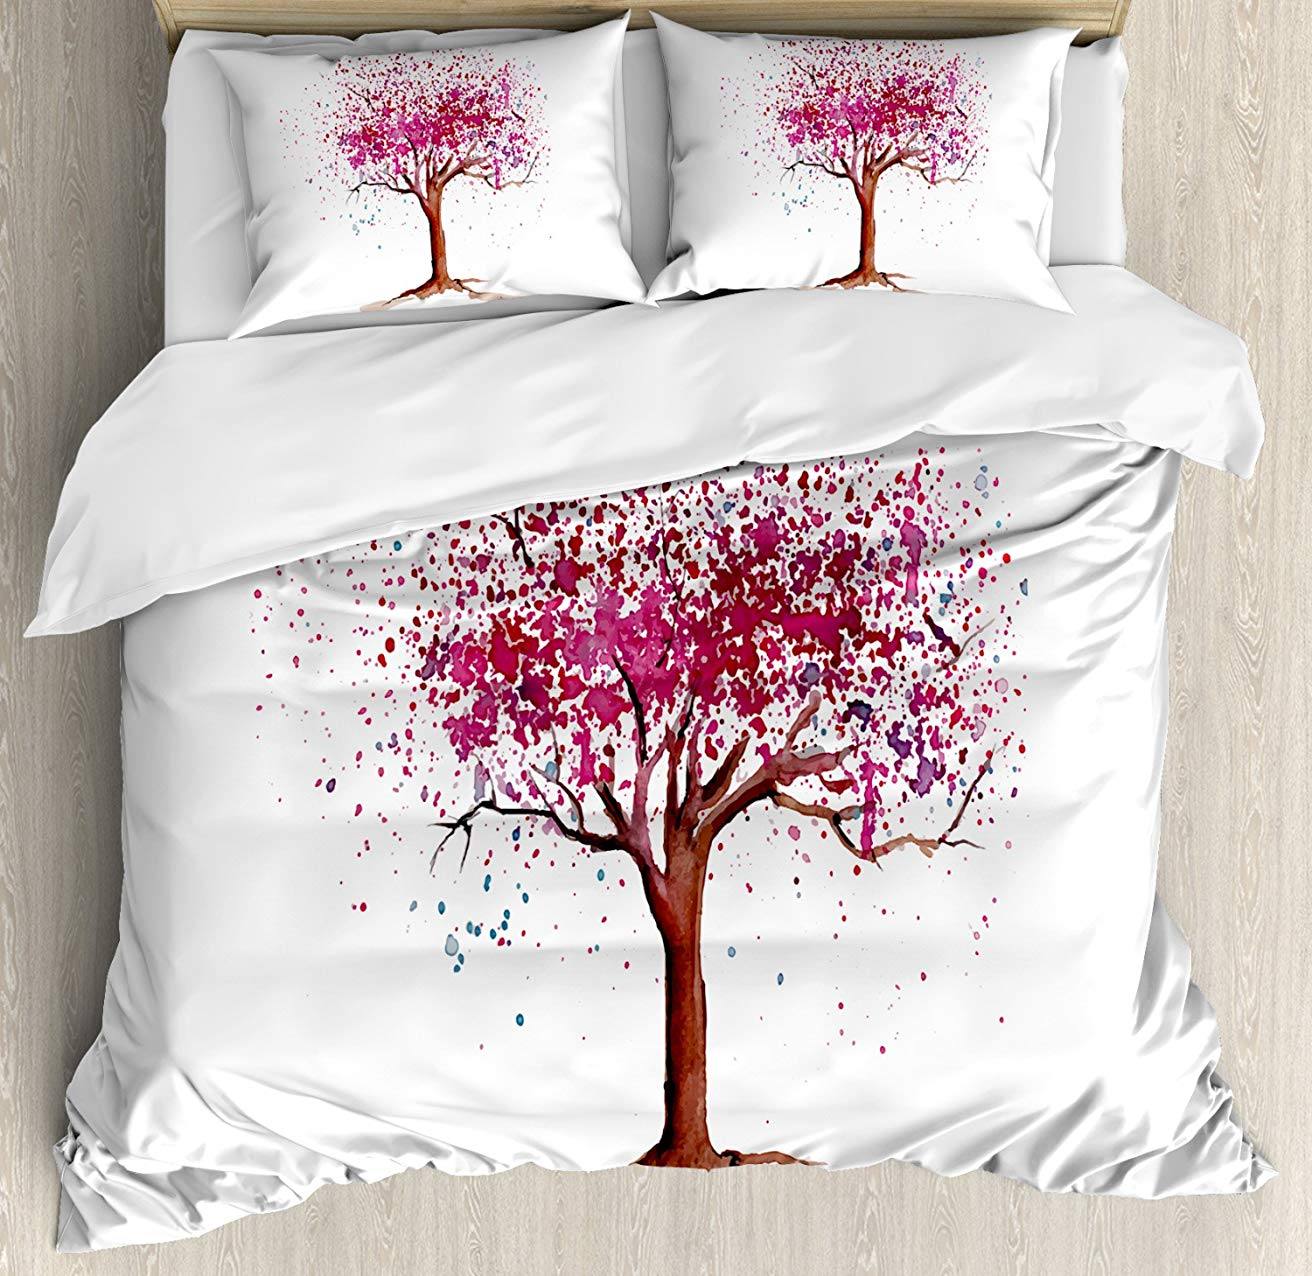 Ensemble housse de couette florale, bourgeons de fleurs de cerisier japonais Sakura arbre à l'aquarelle beauté Essence œuvre, ensemble de literie 3 pièces